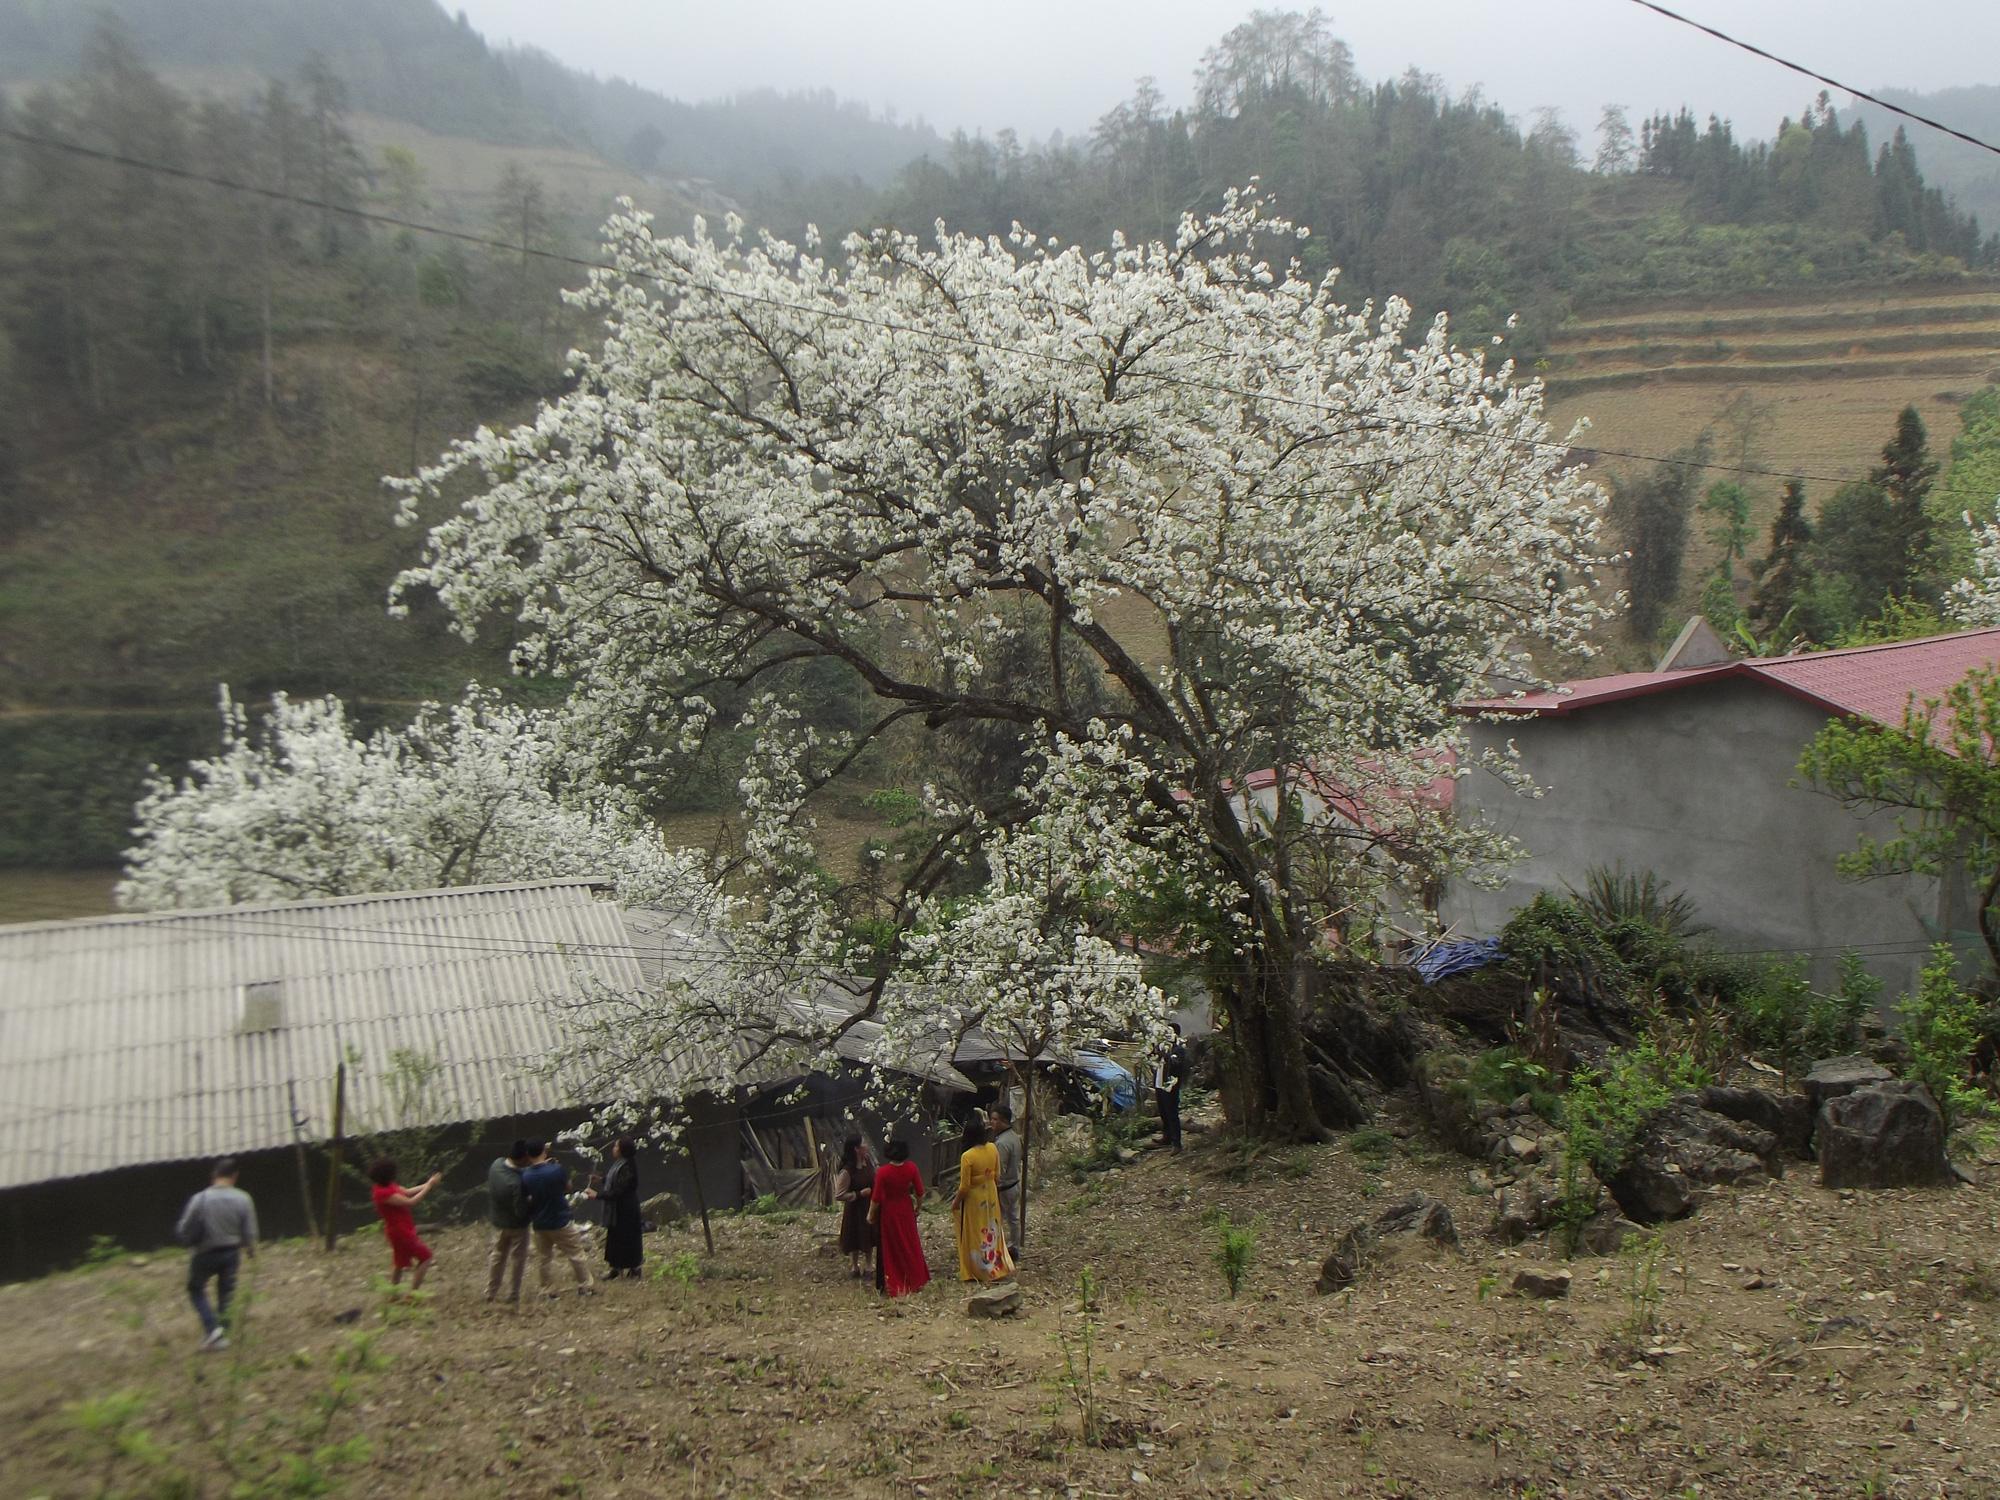 Lào Cai: Du khách đổ xô đến ngắm 3 cây lê cổ thụ, mọc trắng xóa sau nhà trình tường ở Bắc Hà - Ảnh 4.